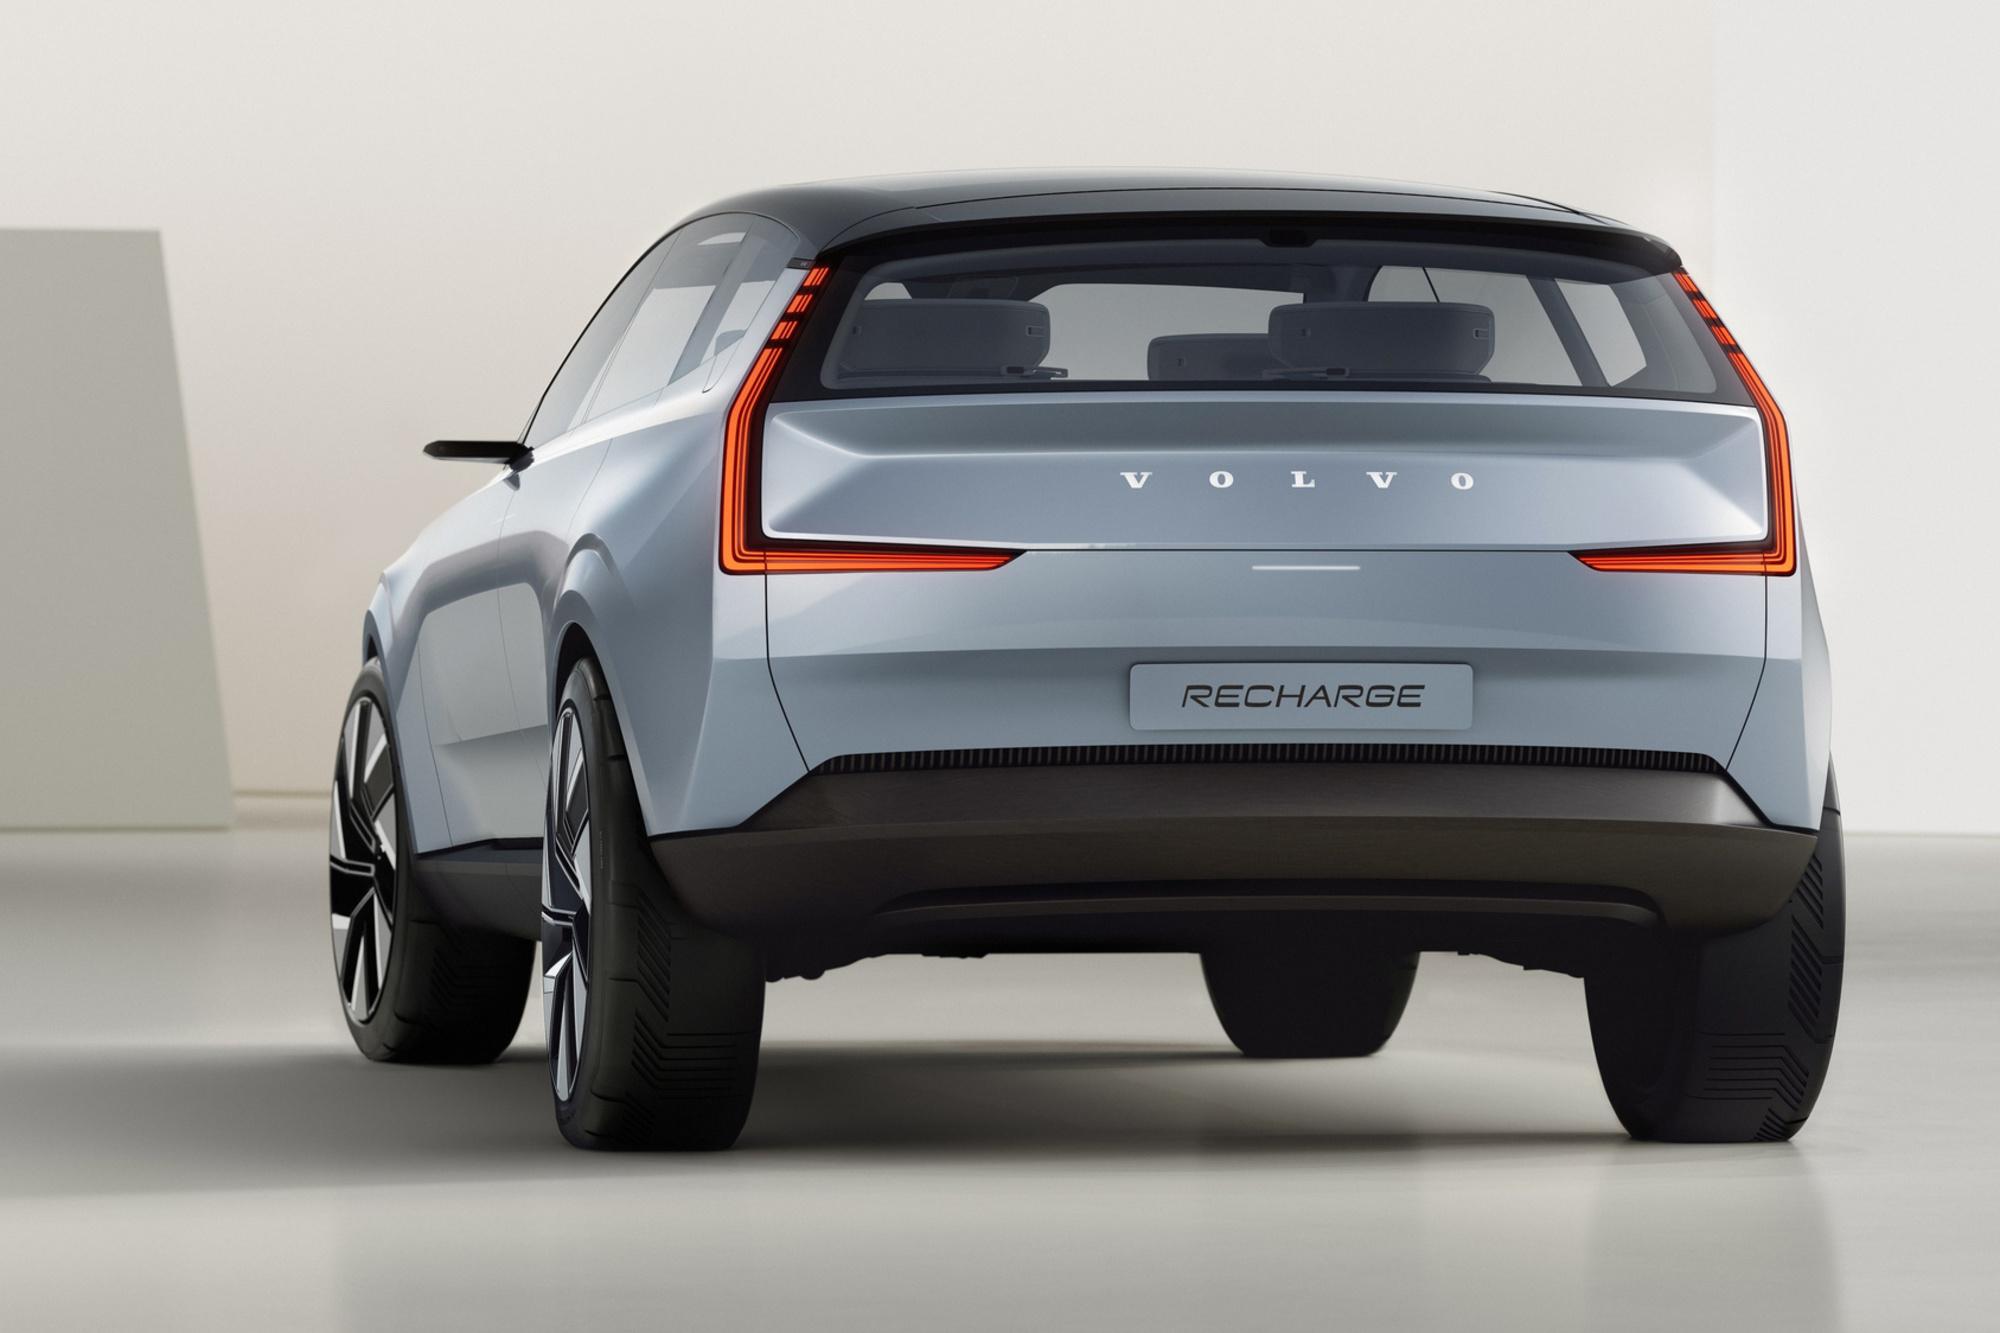 Ce grand SUV au look minimaliste annonce le style de toutes les futures Volvo électriques., GF